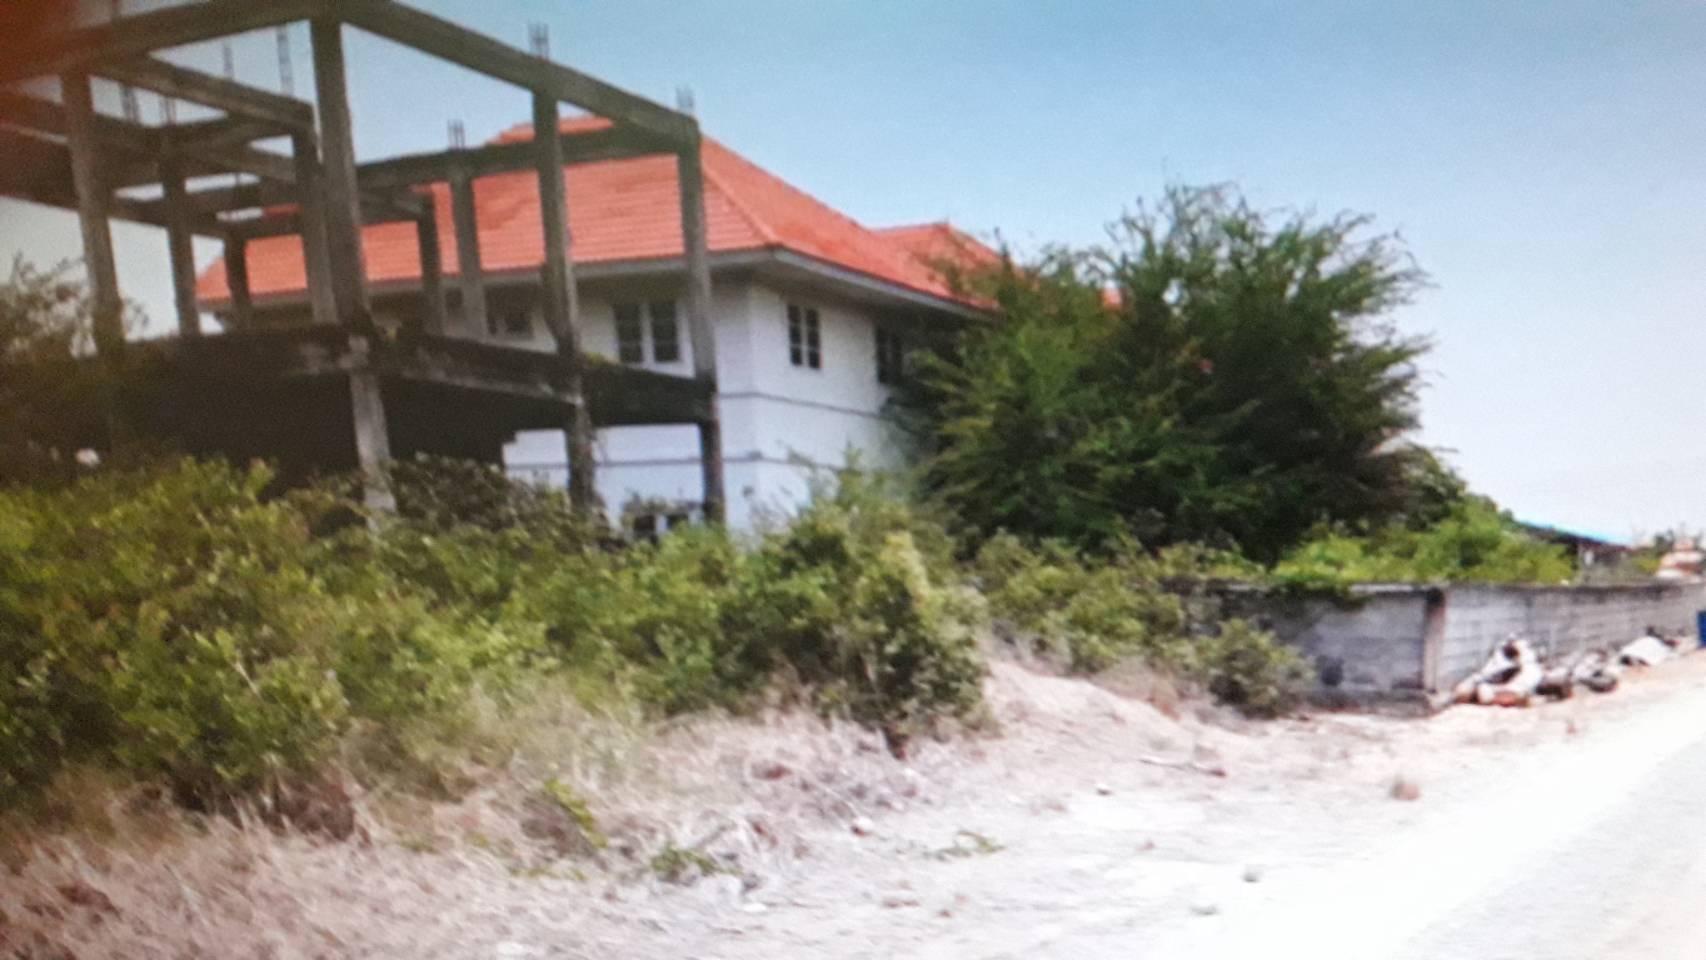 ภาพขายที่ดินเปล่า 100 ตร.ว. ใกล้โรงเรียนสารสาสน์ตลาดจินดาเหมาะปลูกบ้าน